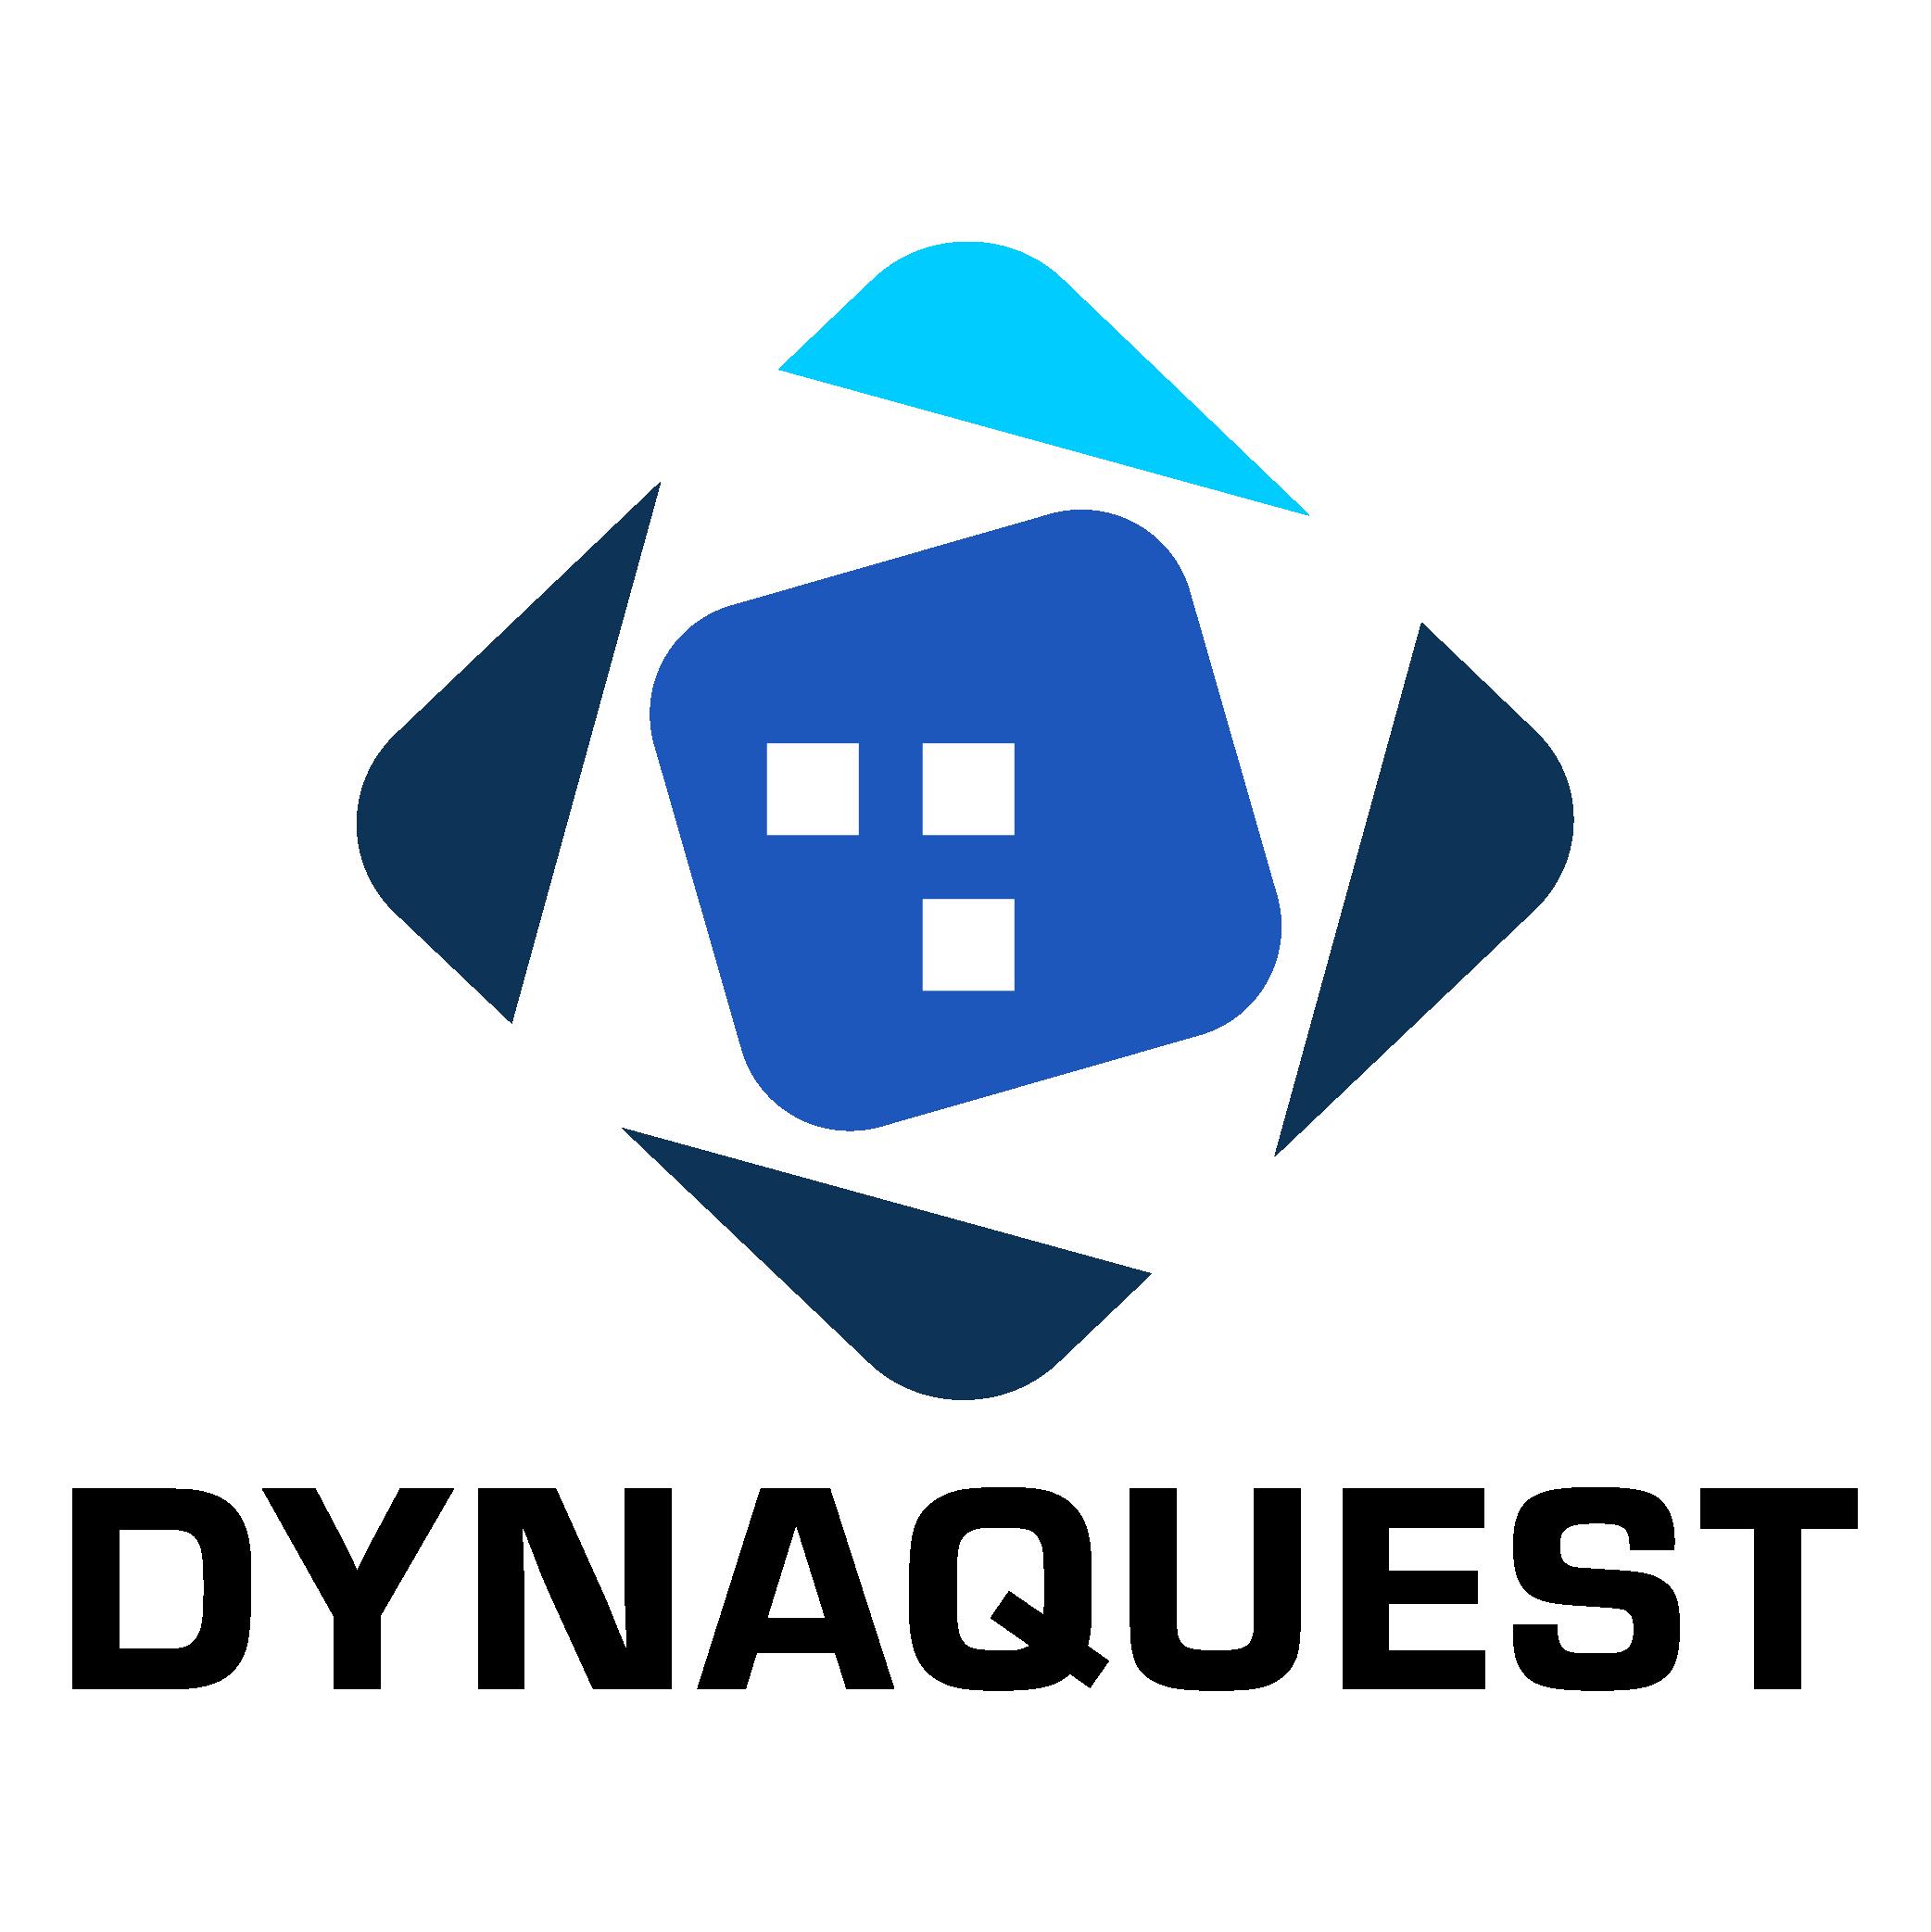 dynaquest_logo-original-black-v1